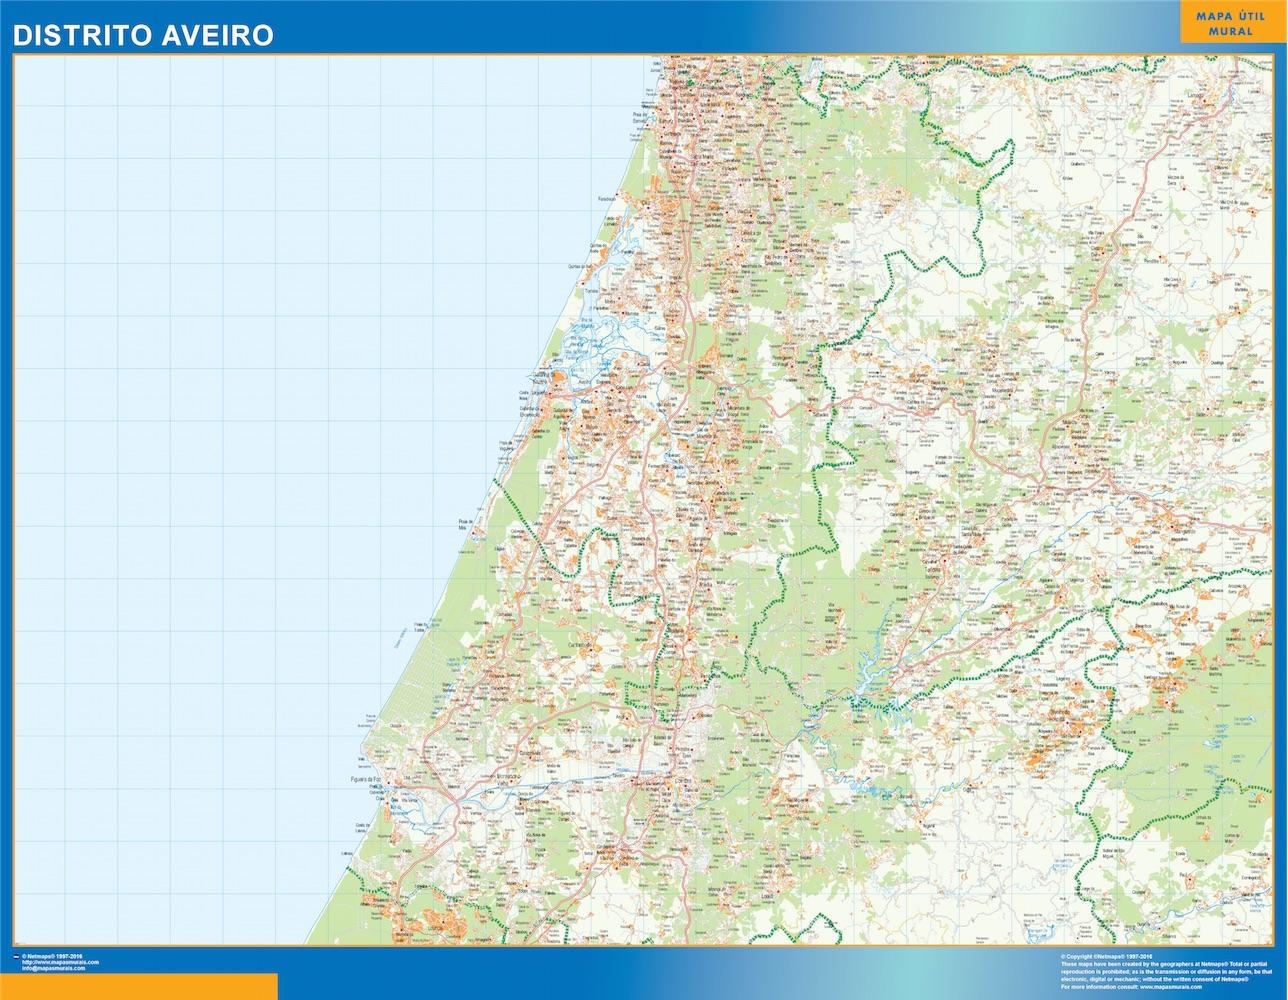 Mapa Distrito Aveiro